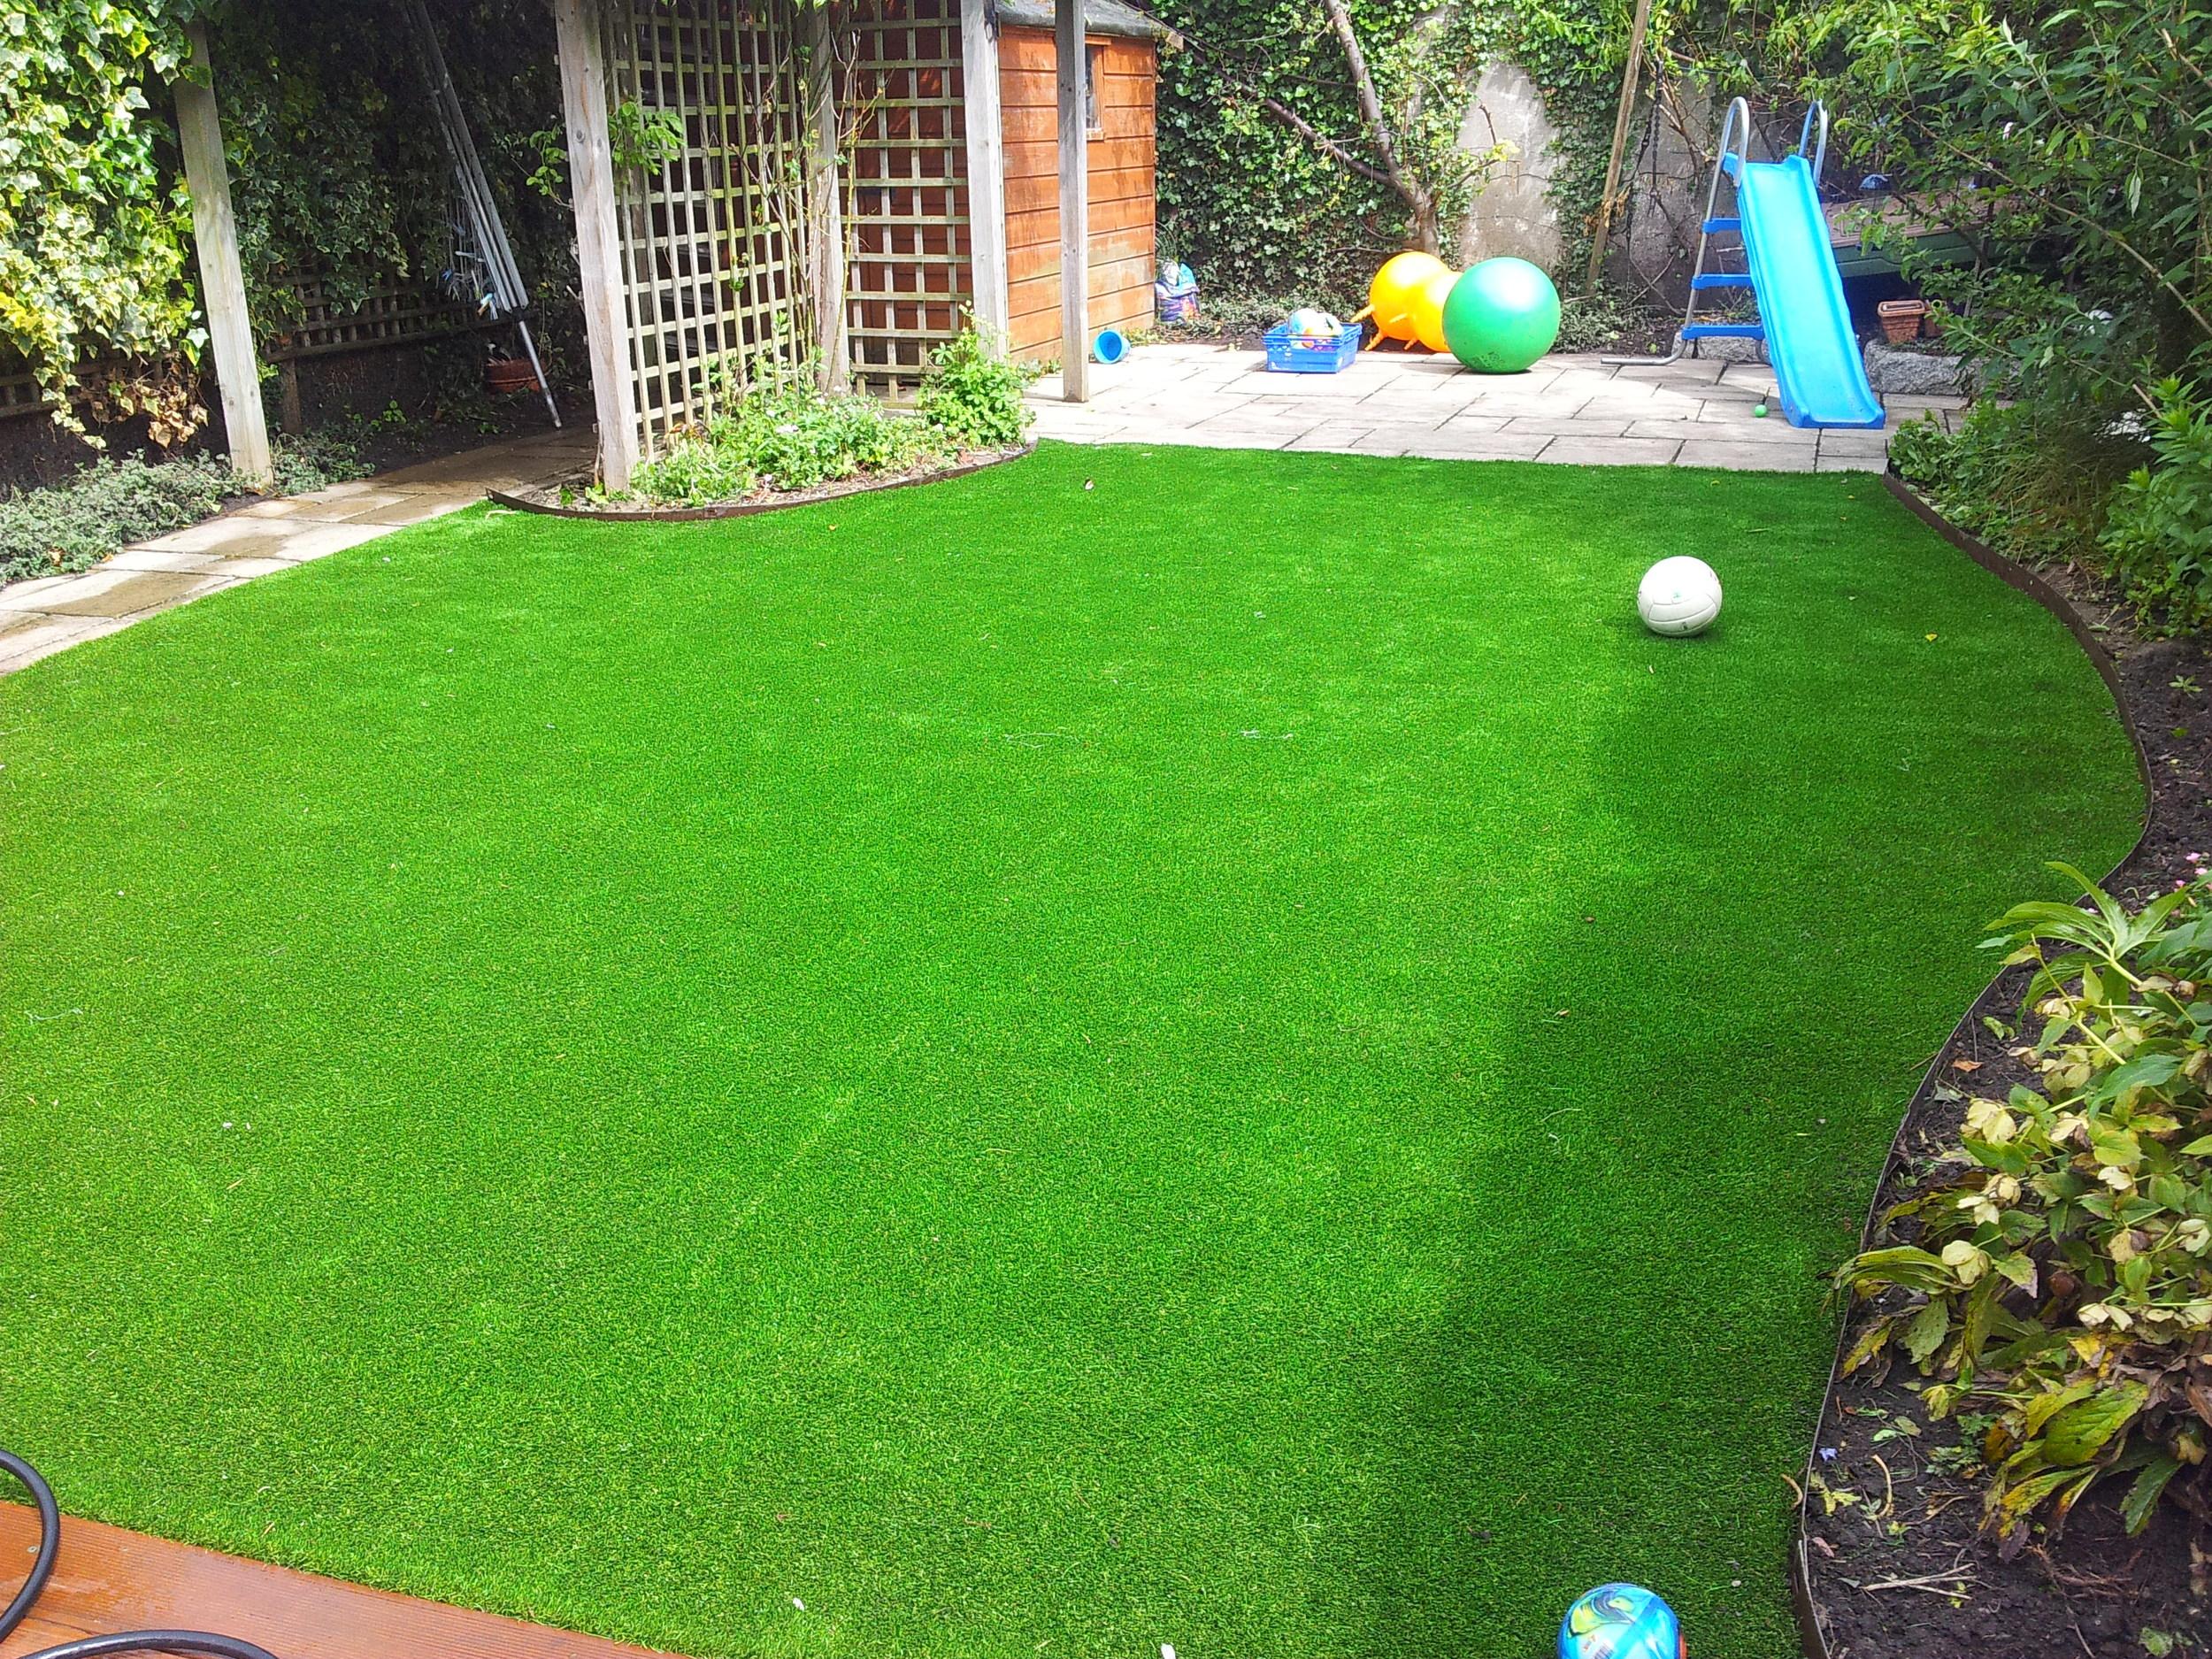 TigerTurf faux grass